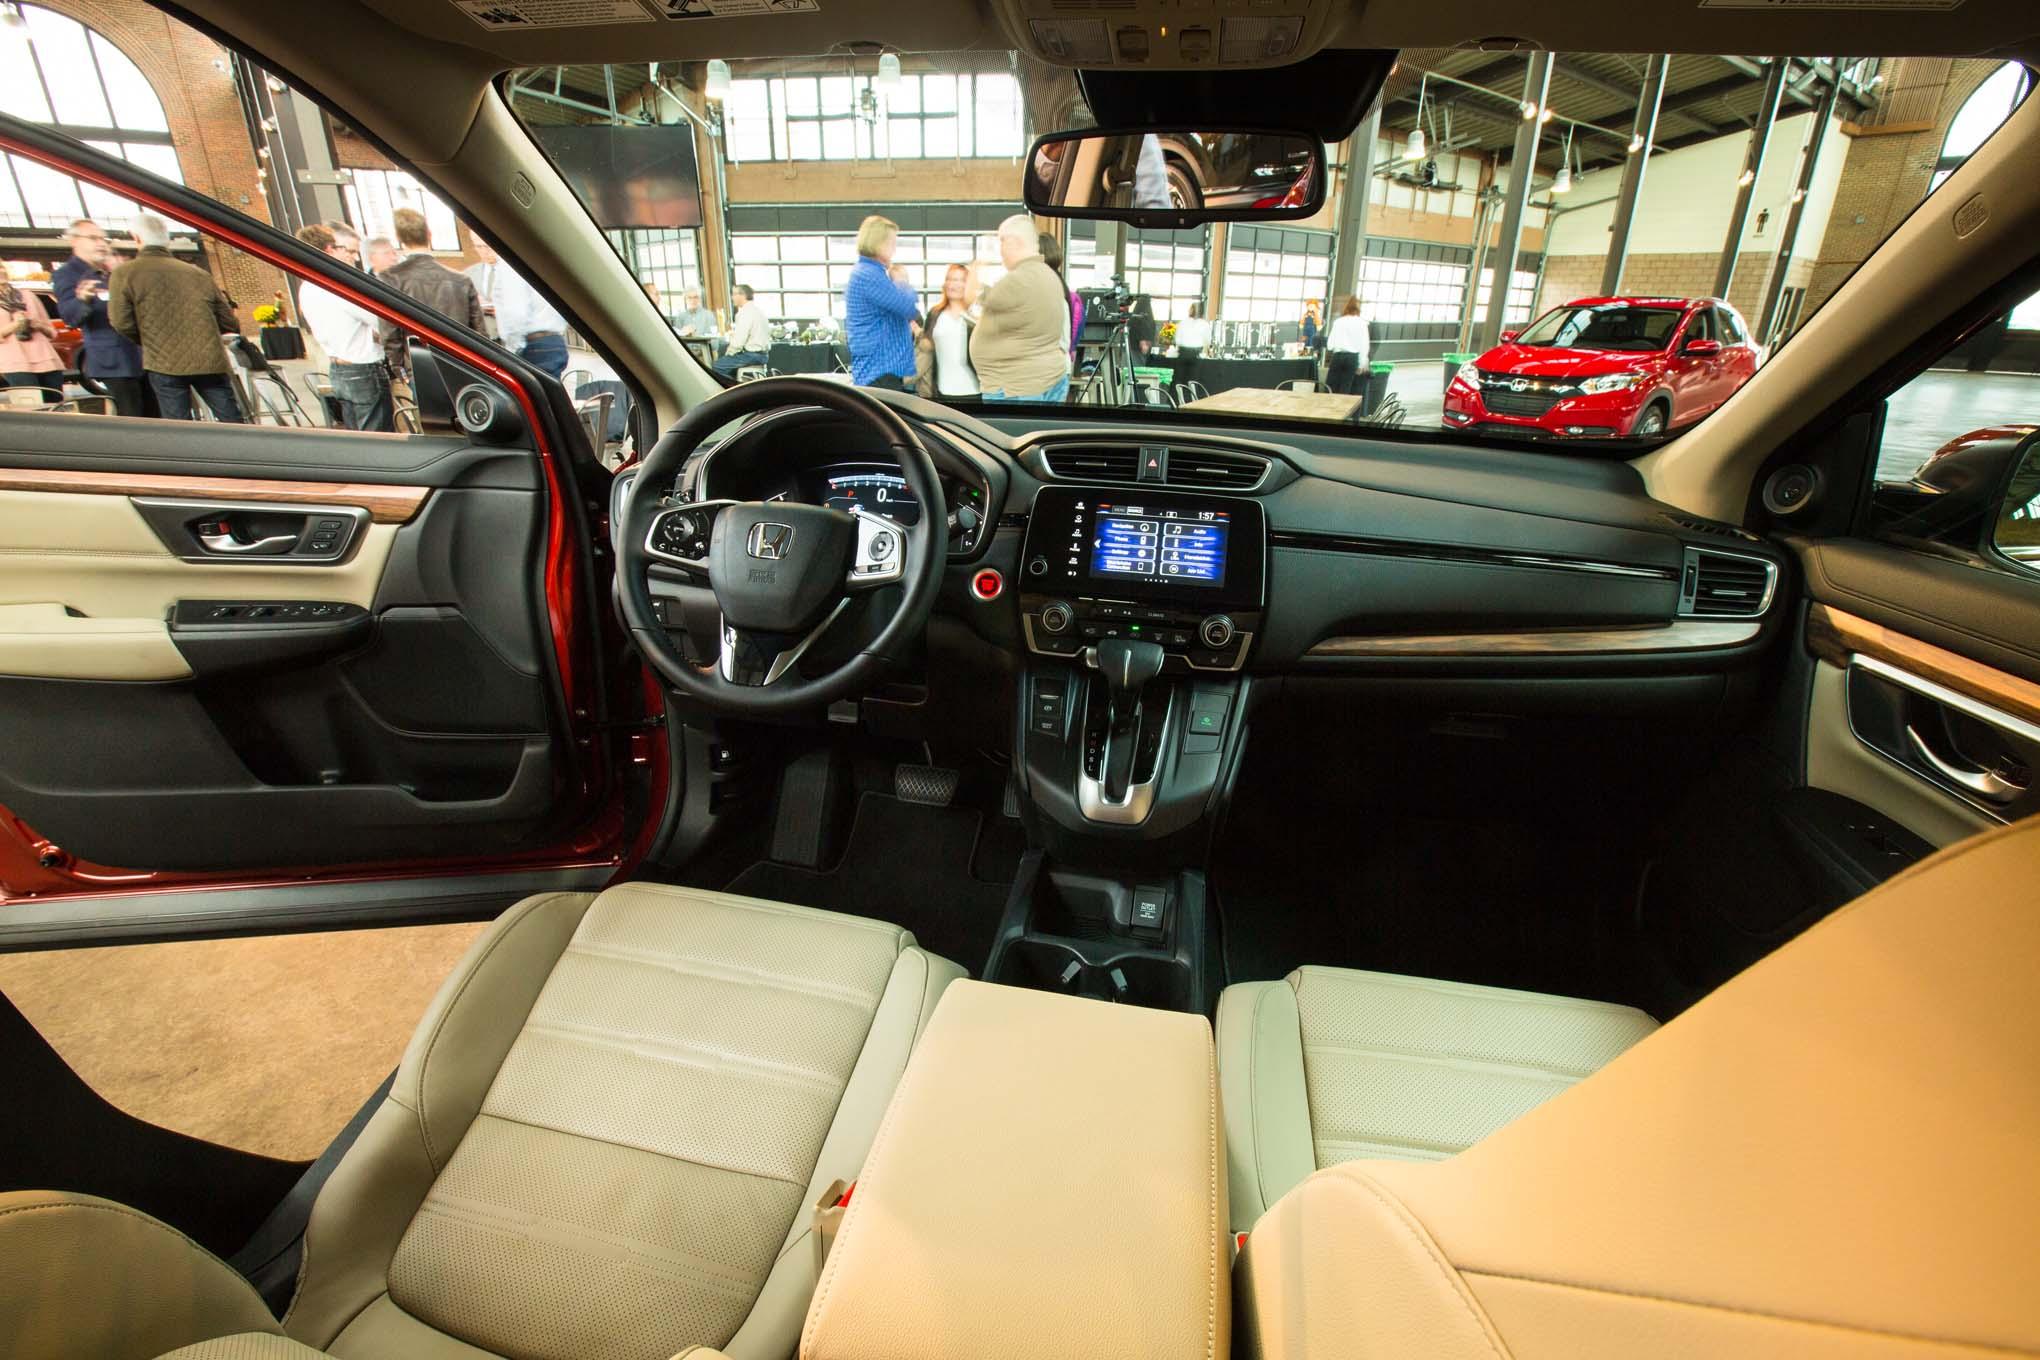 2017-Honda-CR-V-interior-view